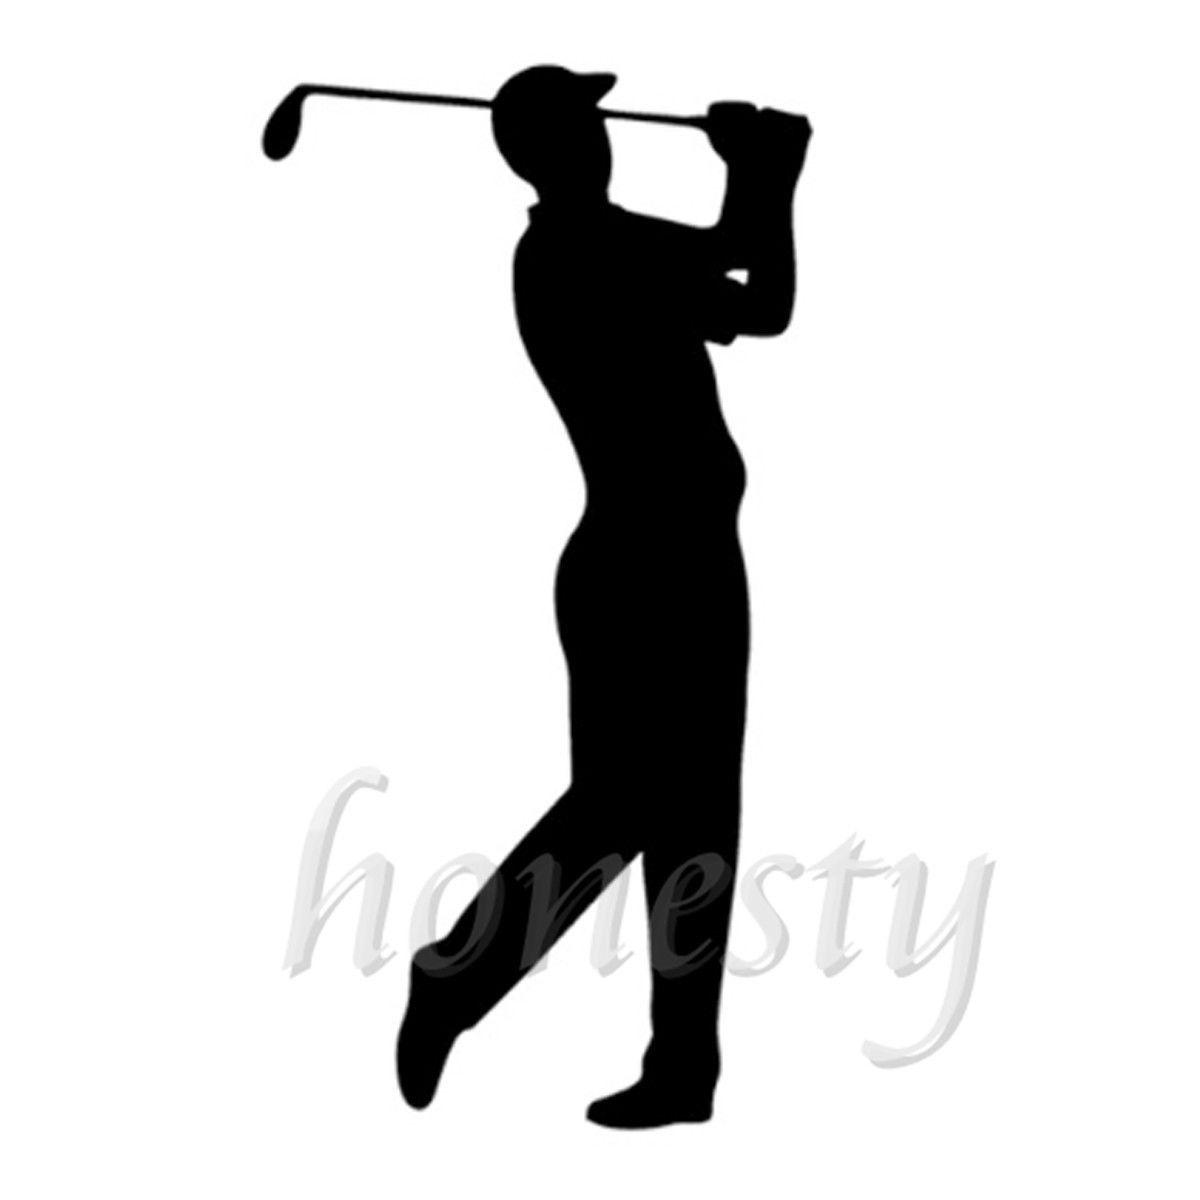 Golf Player Wall Home Glass Window Door Car Sticker Laptop Auto Truck Black Vinyl Decal Sticker Decor Gift 9.1cmX17.3cm